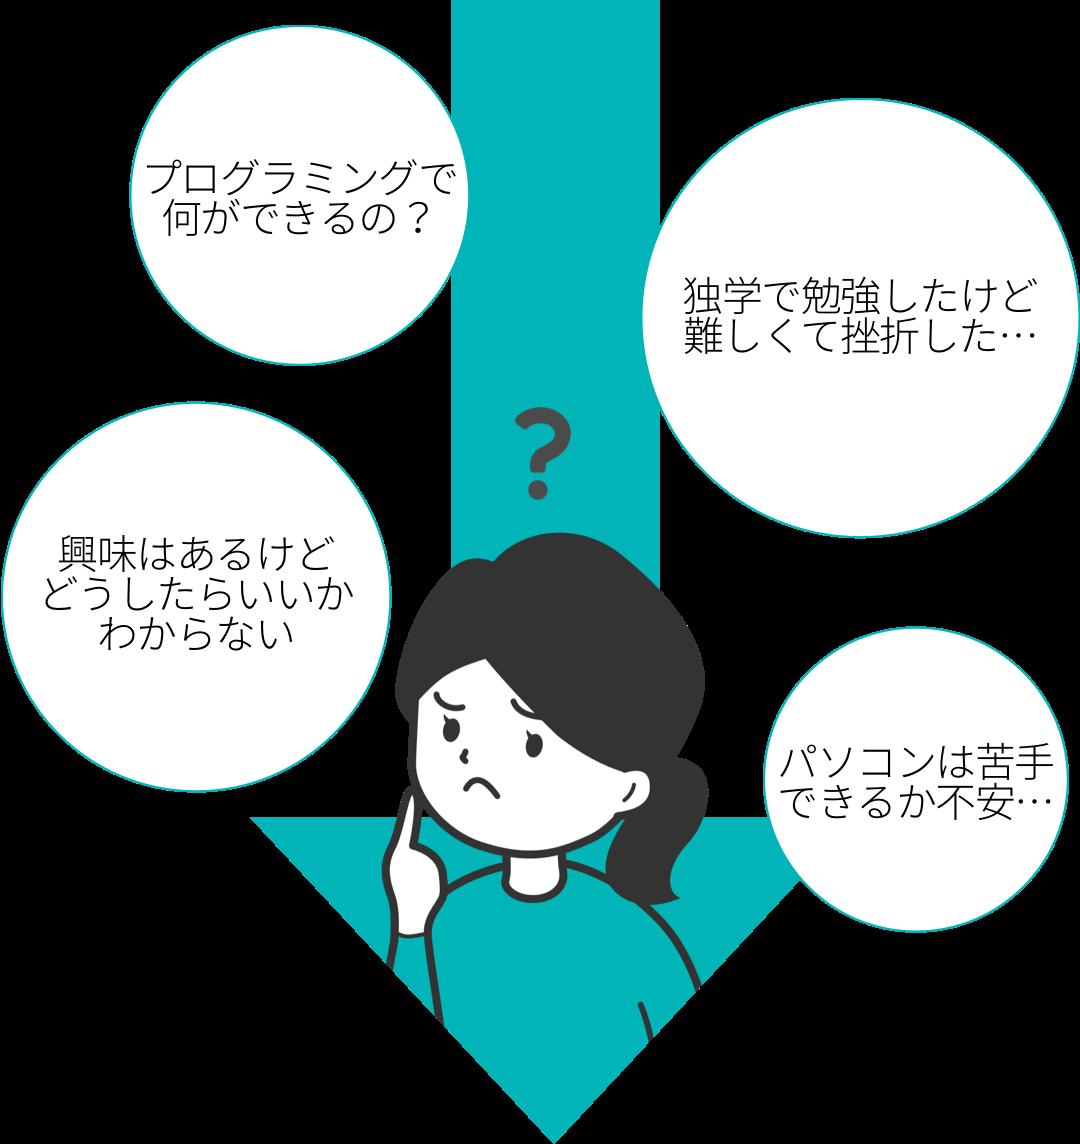 プログラミングに対するいろいろな悩みを思い浮かべる女性の様子(イラスト)